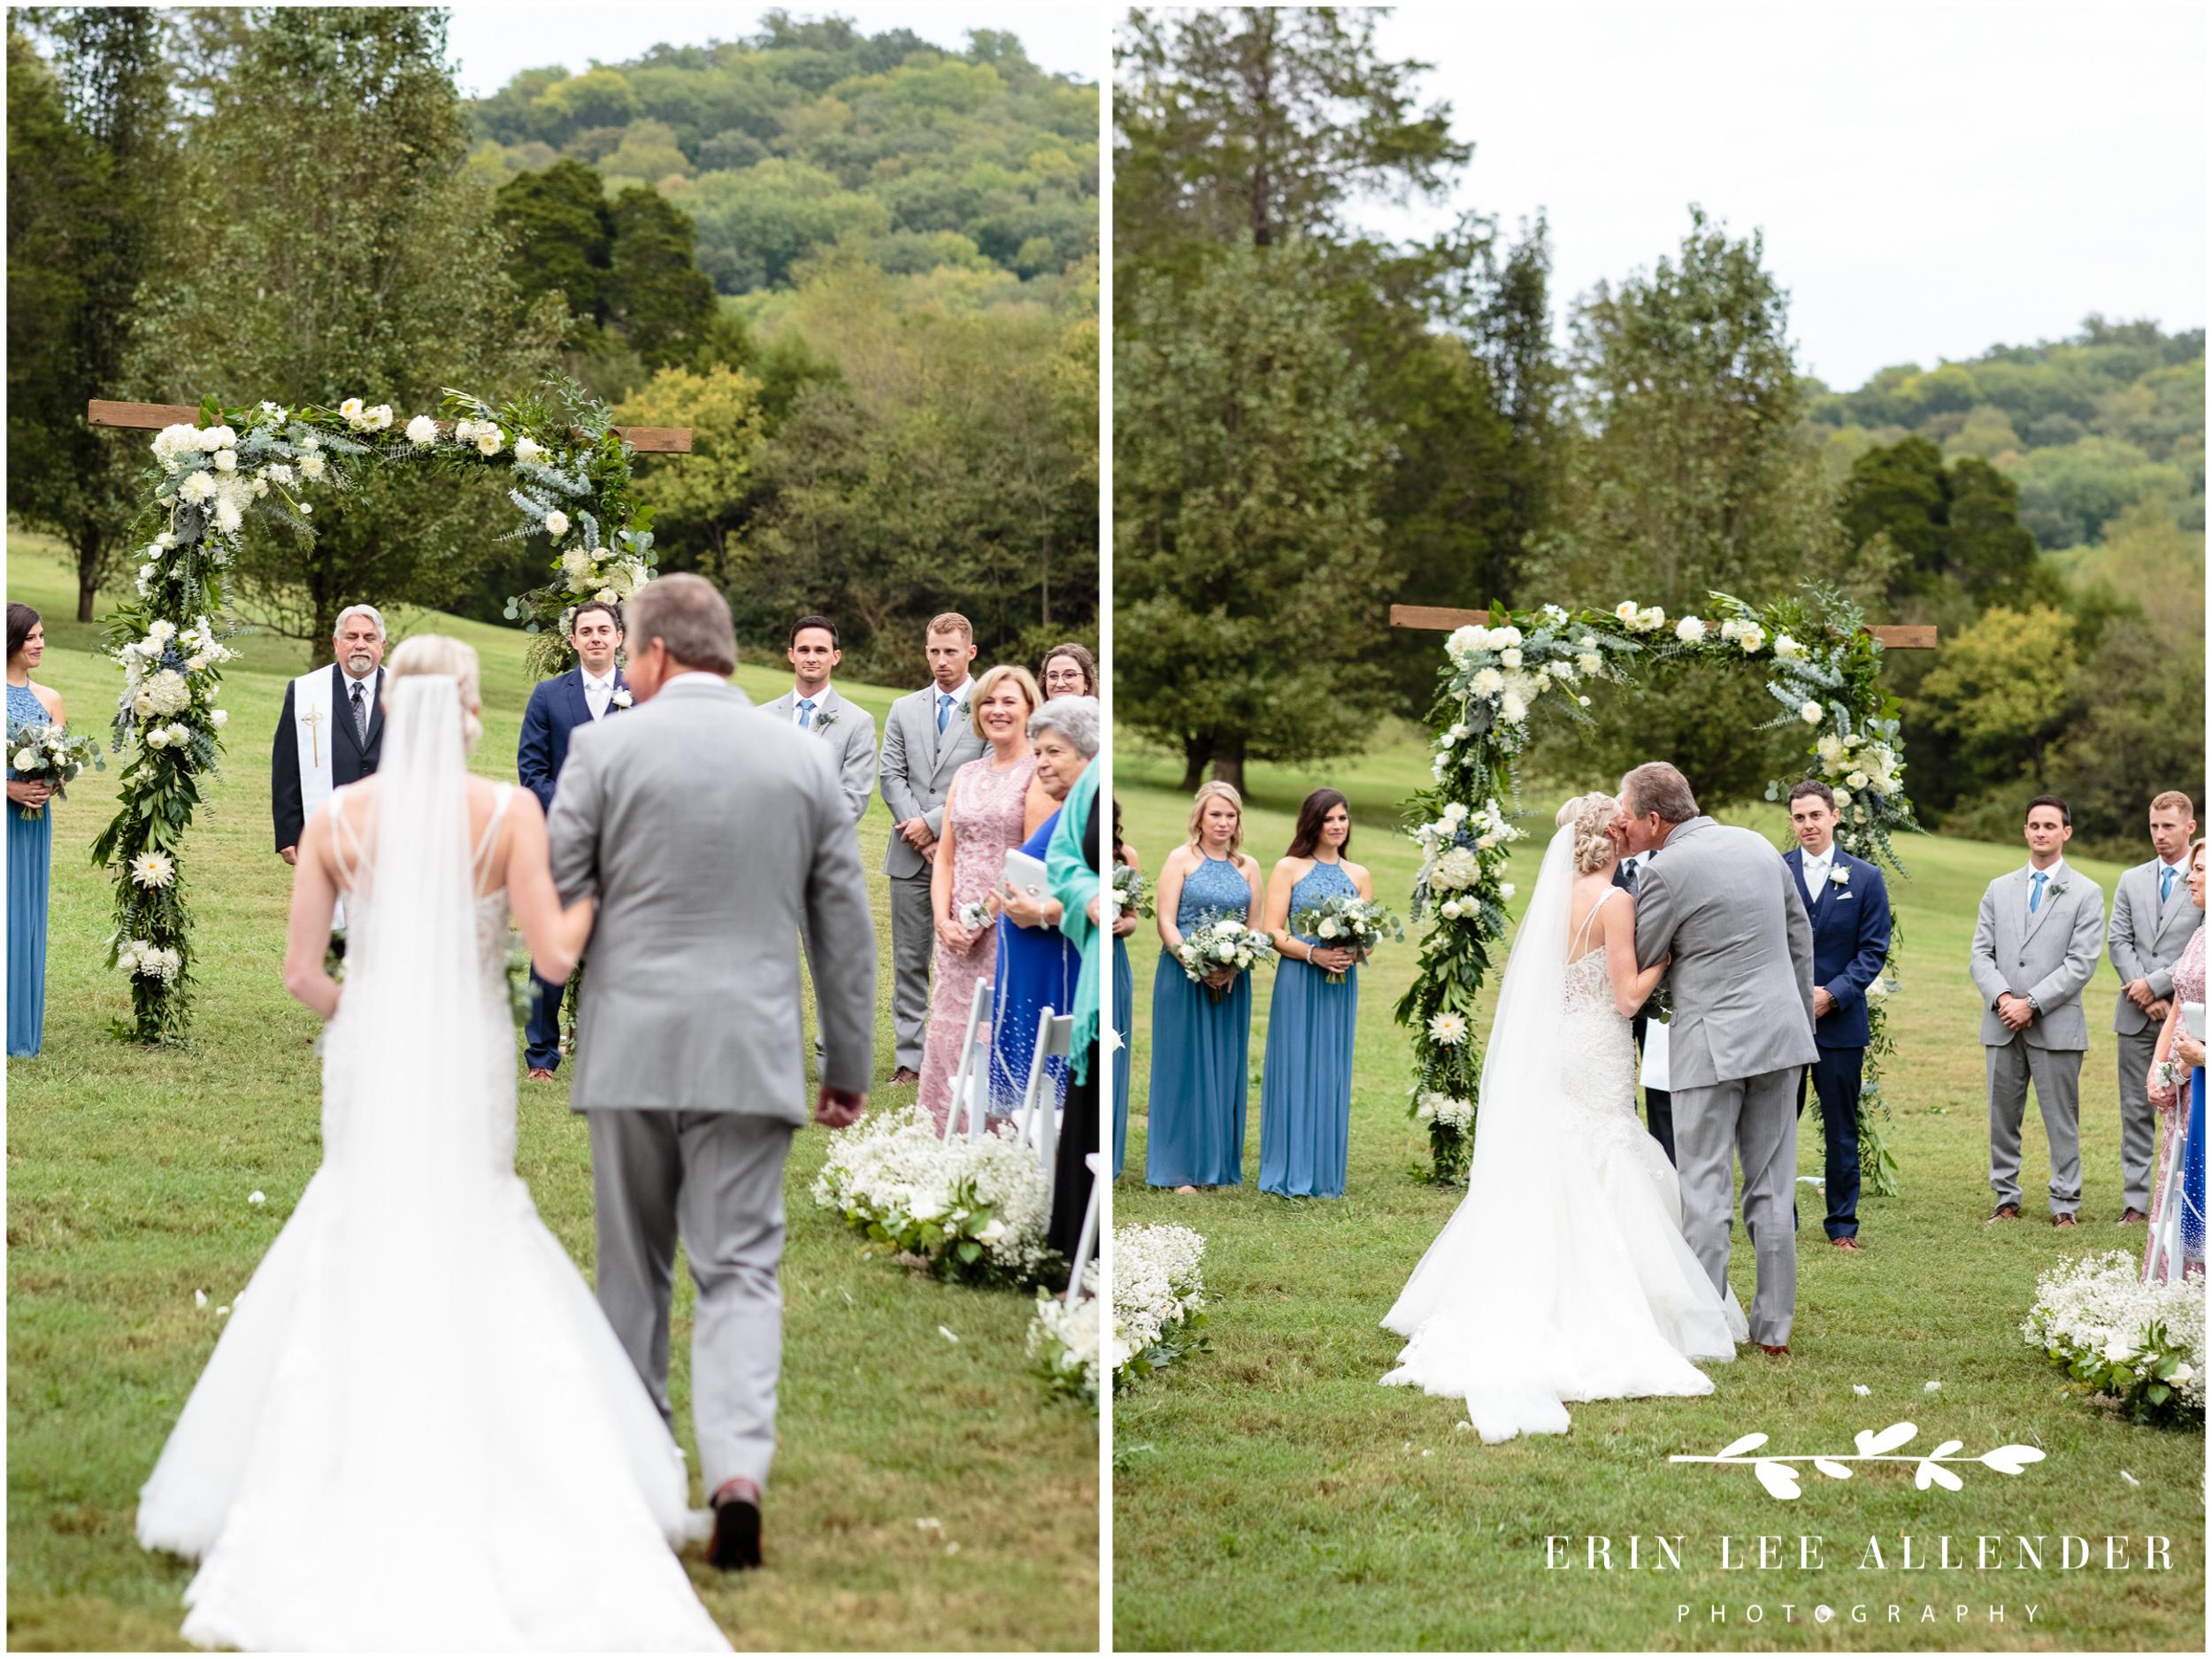 groom-sees-bride-walking-down-aisle